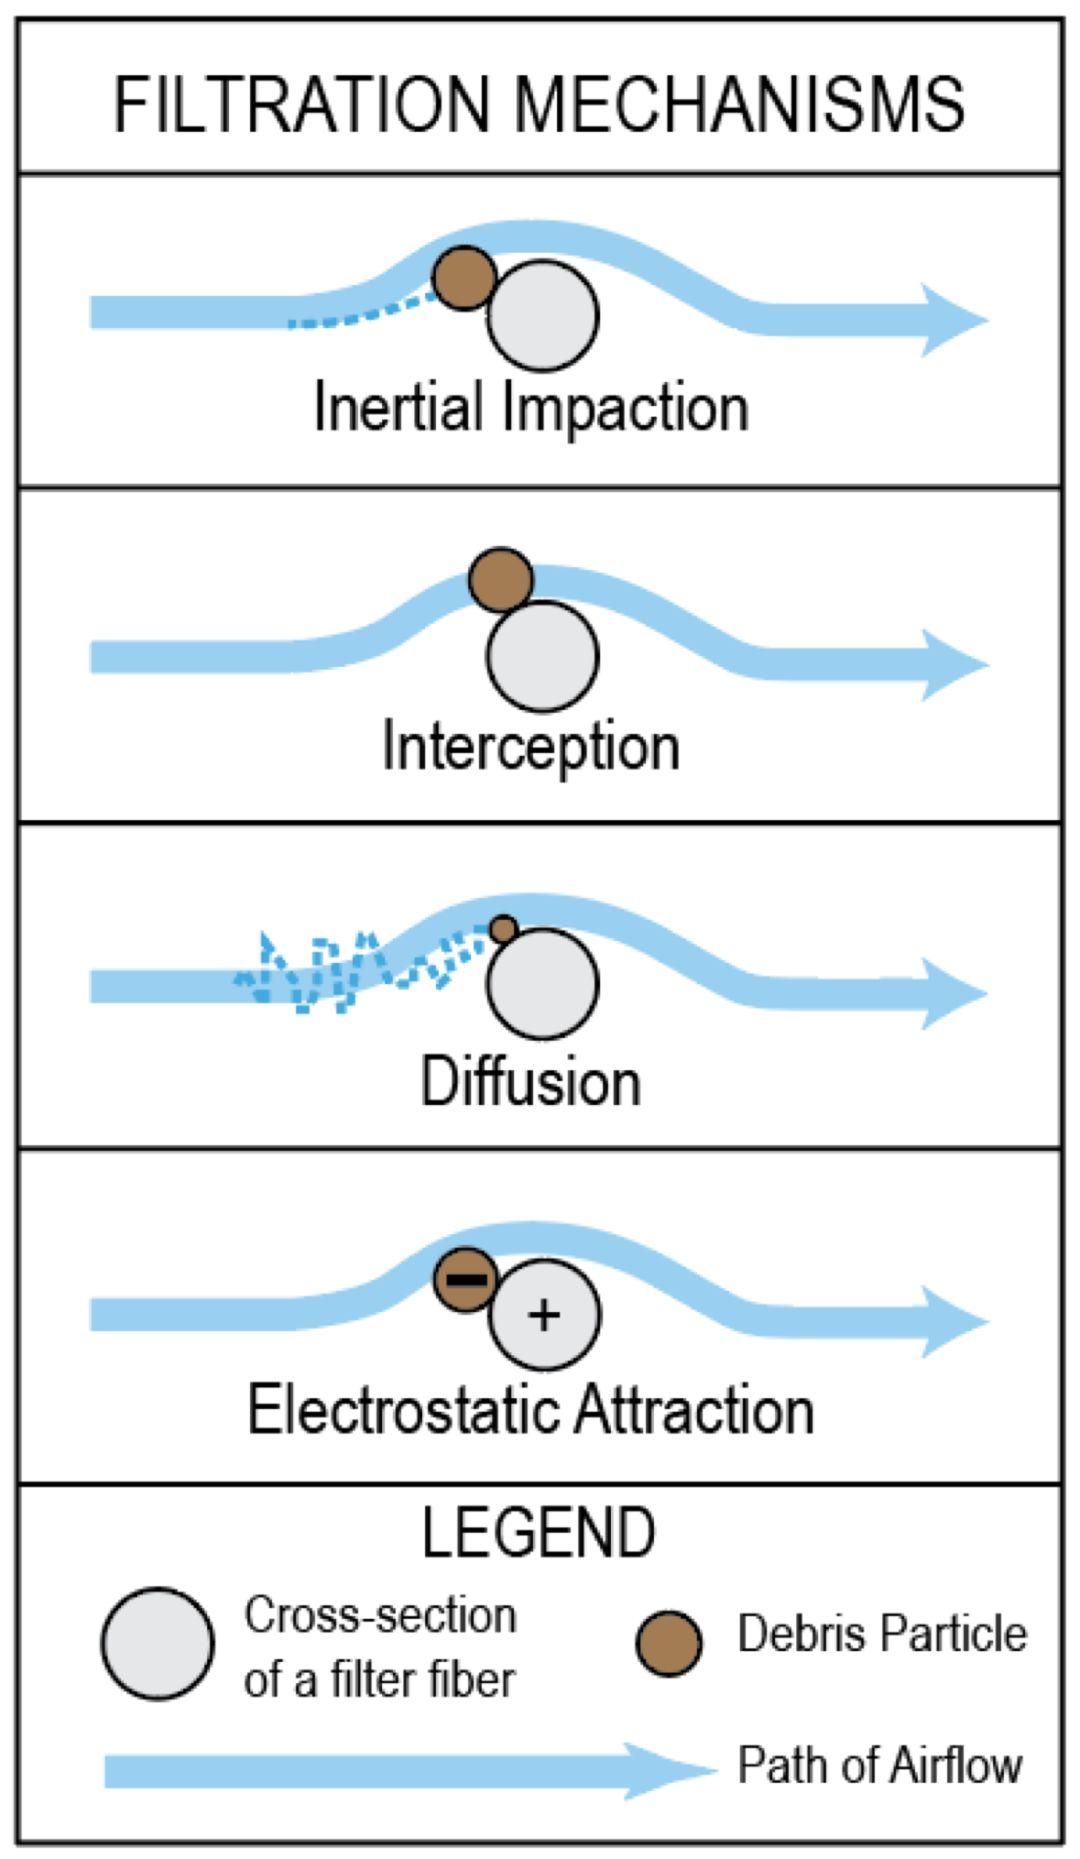 纤维过滤机理示意图